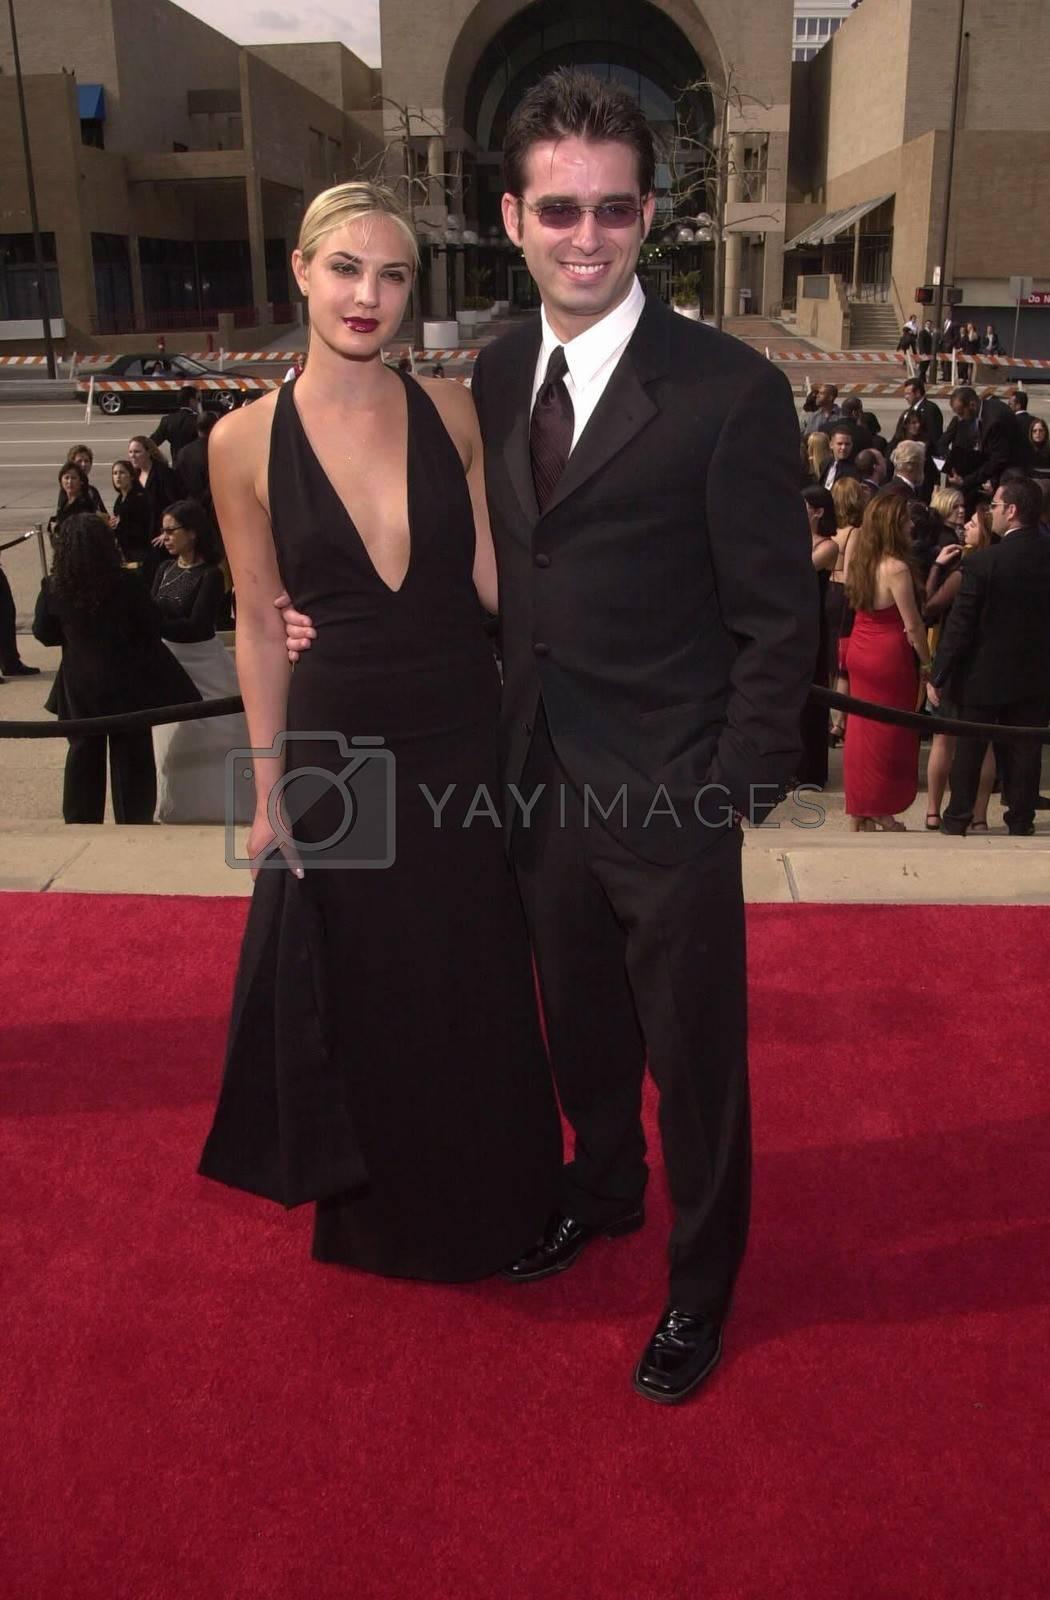 Bruno Campos and wife Carina at the 2000 Alma Awards, in Pasadena, 04-16-00